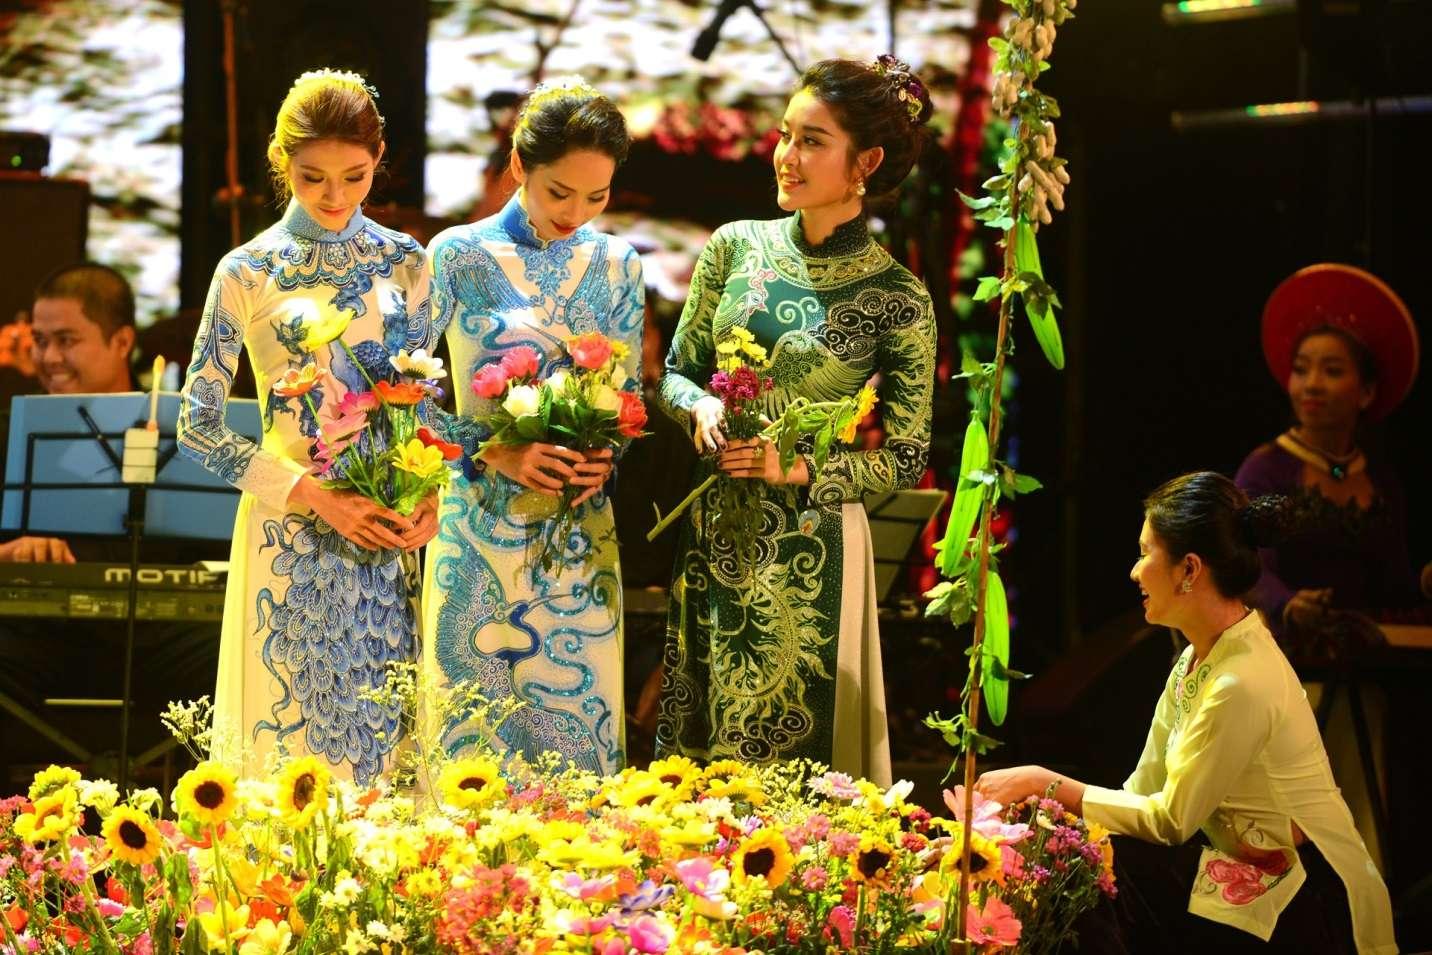 Lễ hội còn có hoạt động giao lưu văn hóa giữa các nước, quảng bá hình ảnh đẹp của áo dài Việt Nam với bạn bè quốc tế